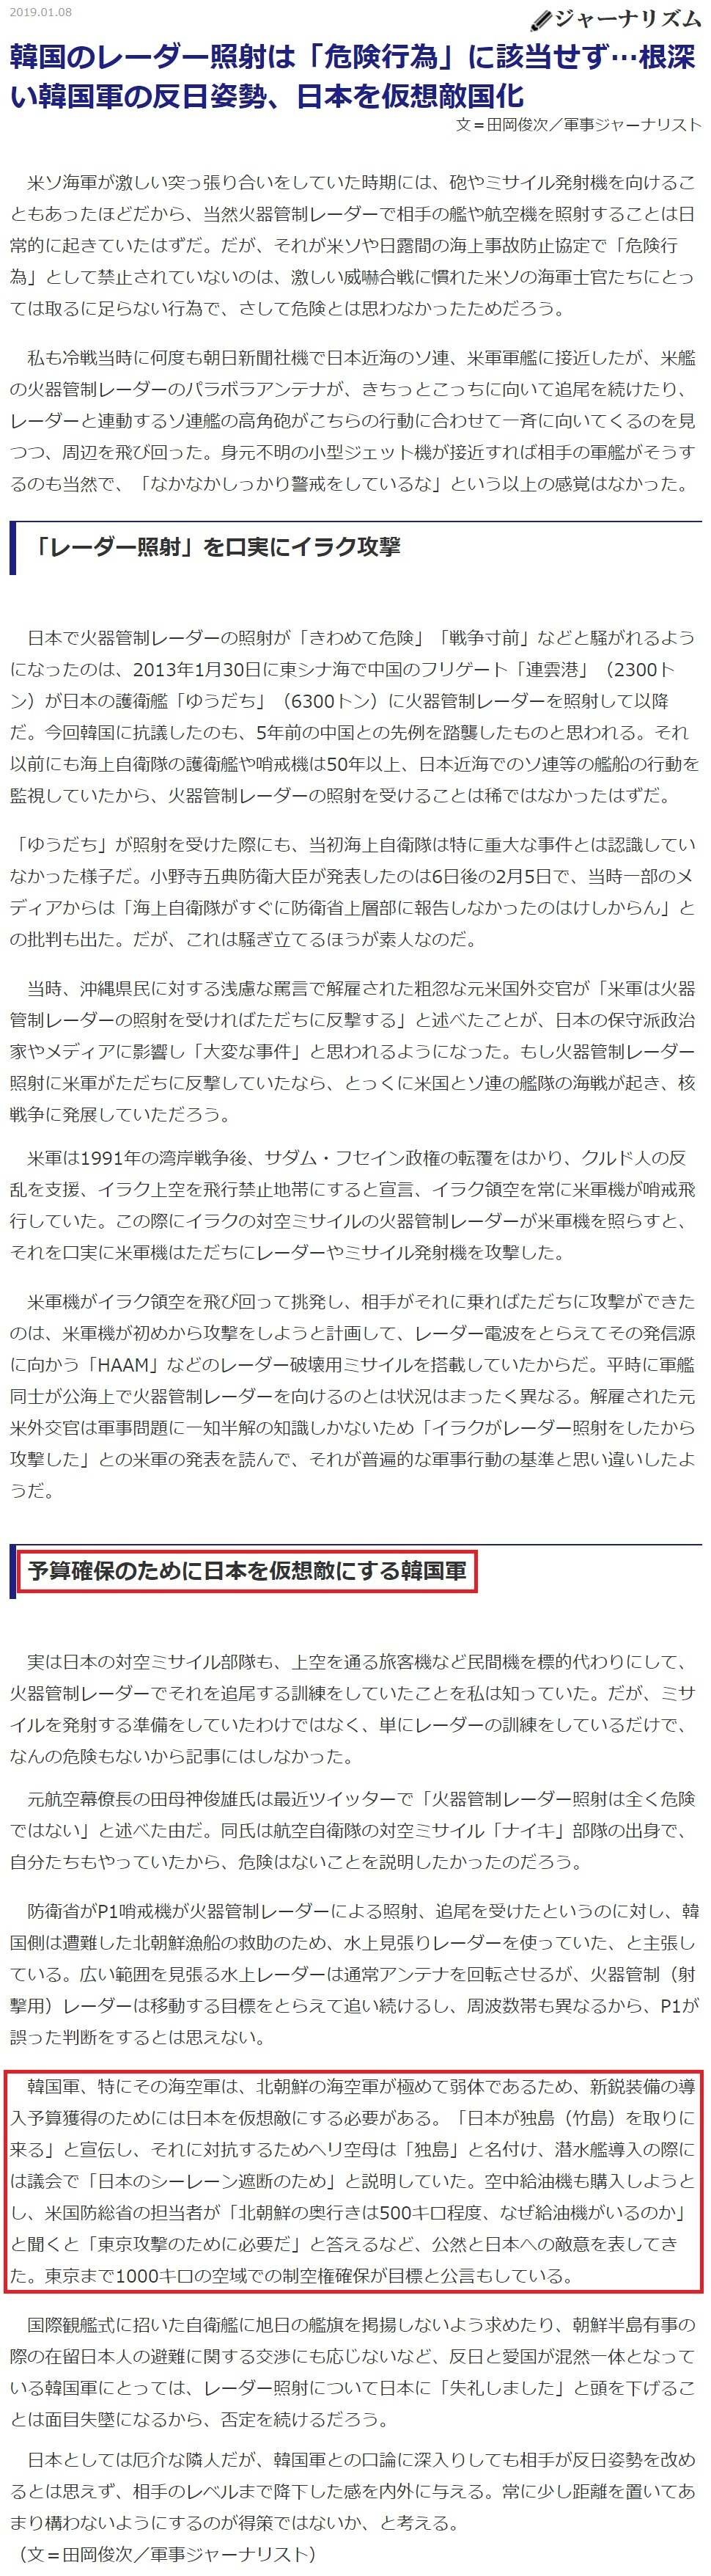 日本を仮想敵国と考えるした朝鮮2